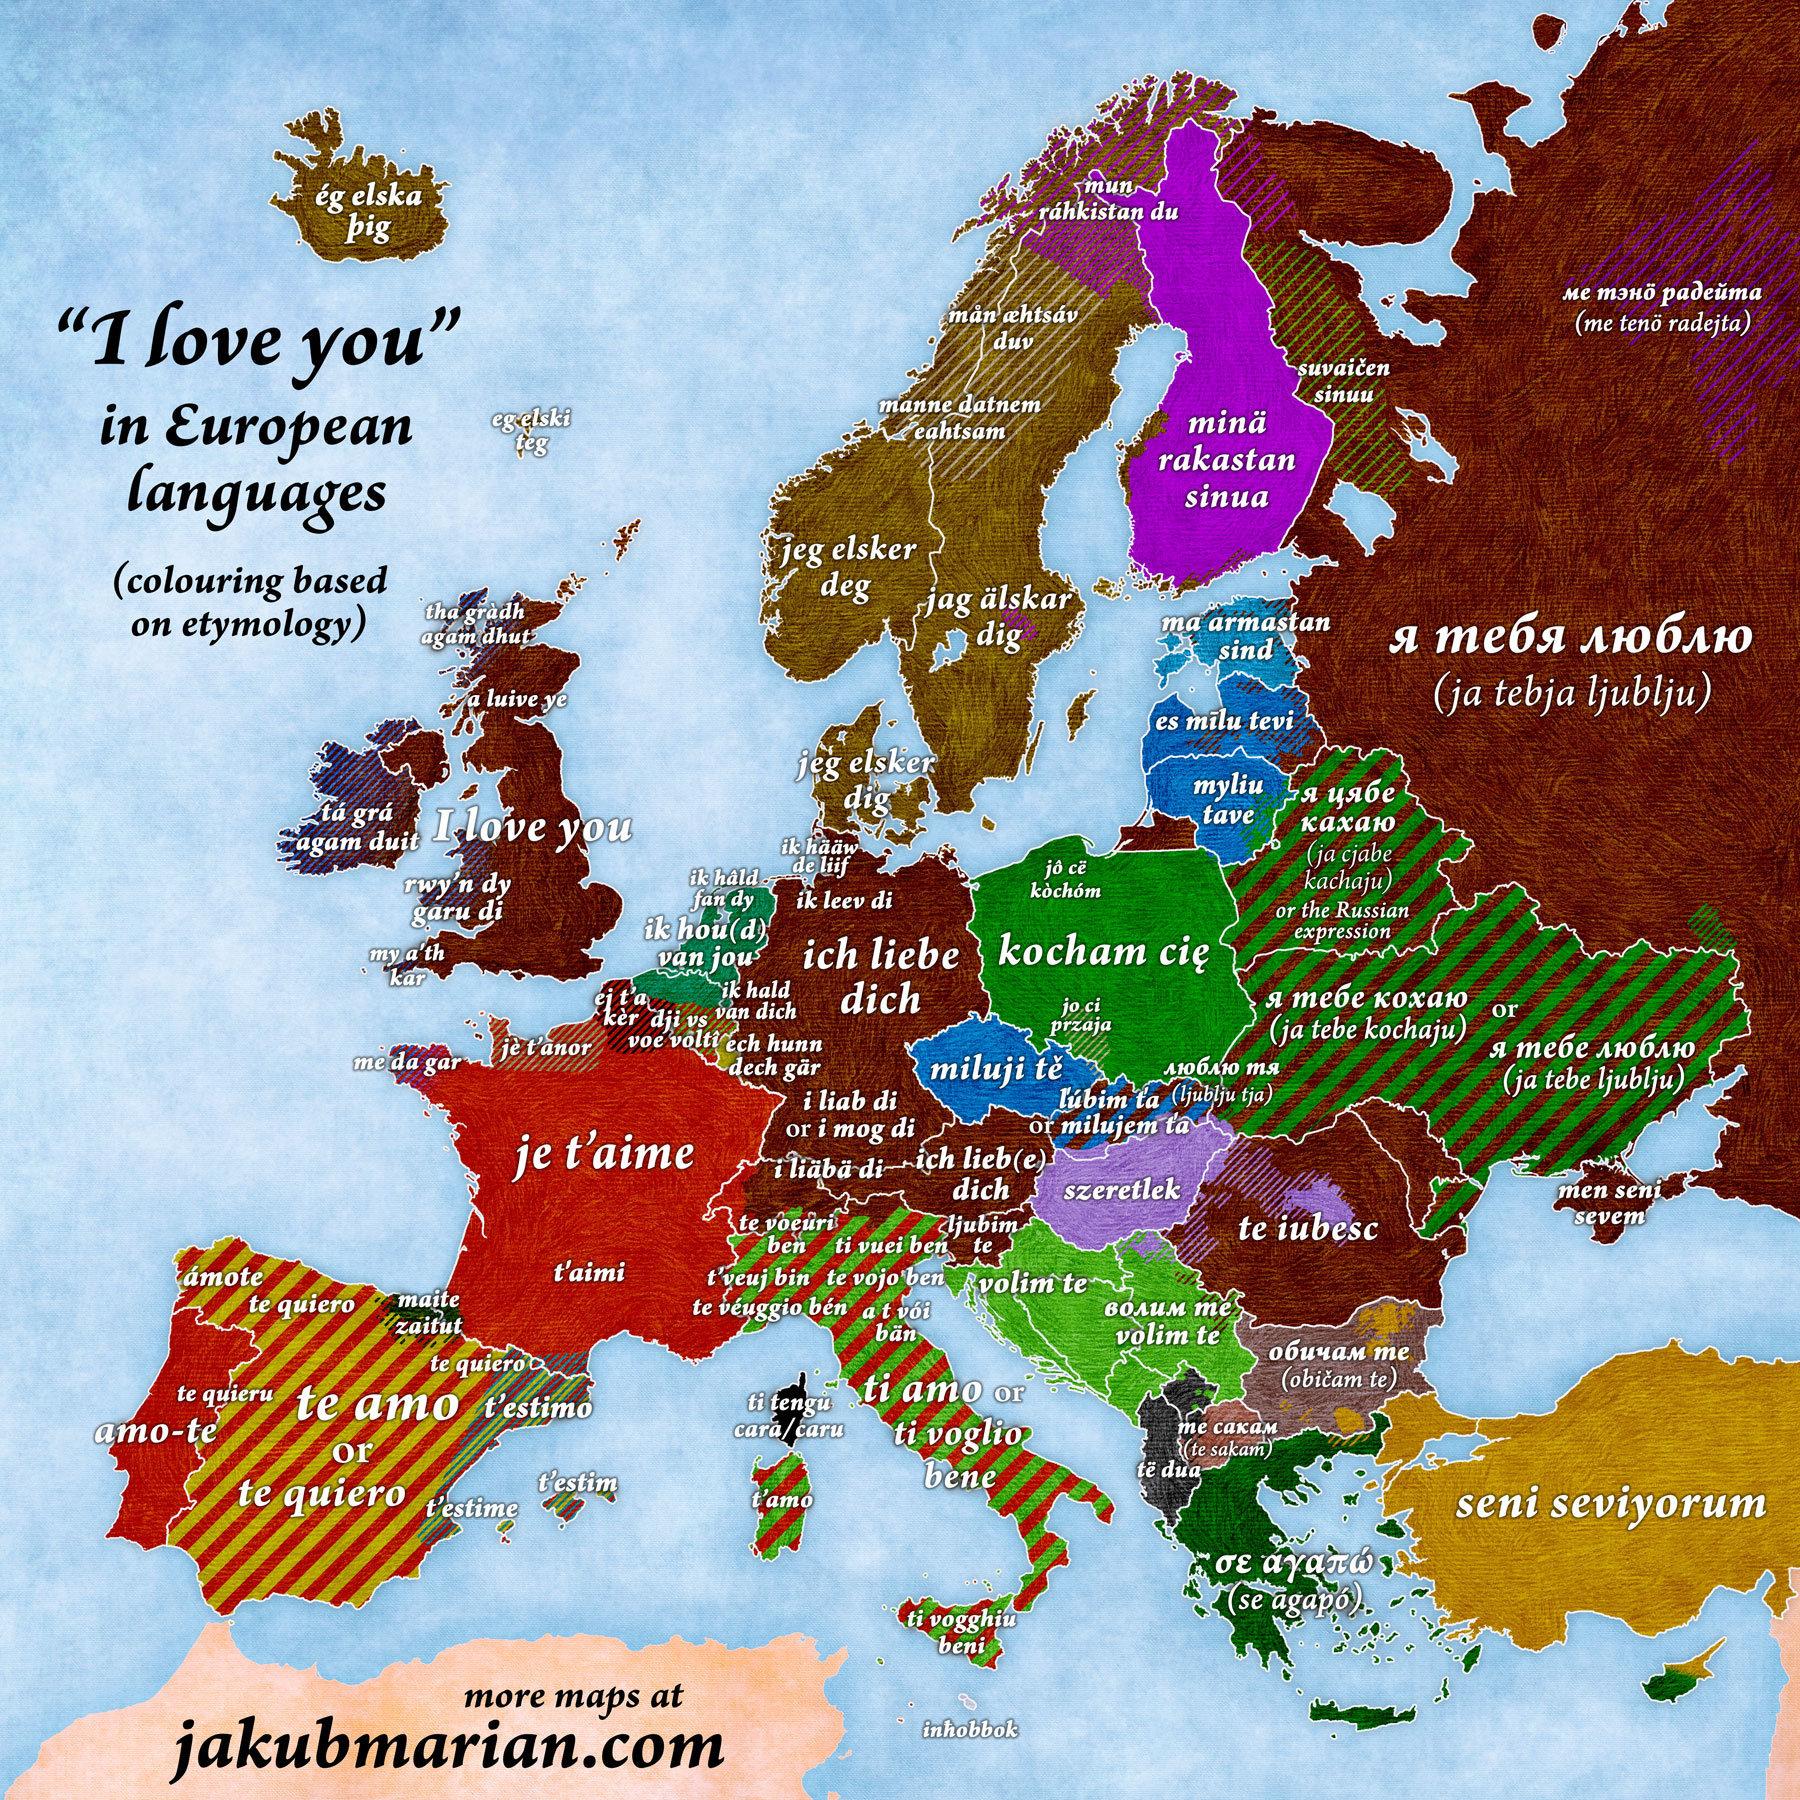 Ένας χάρτης μας μαθαίνει να λέμε «Σ' αγαπώ» σε όλες τις ευρωπαϊκές